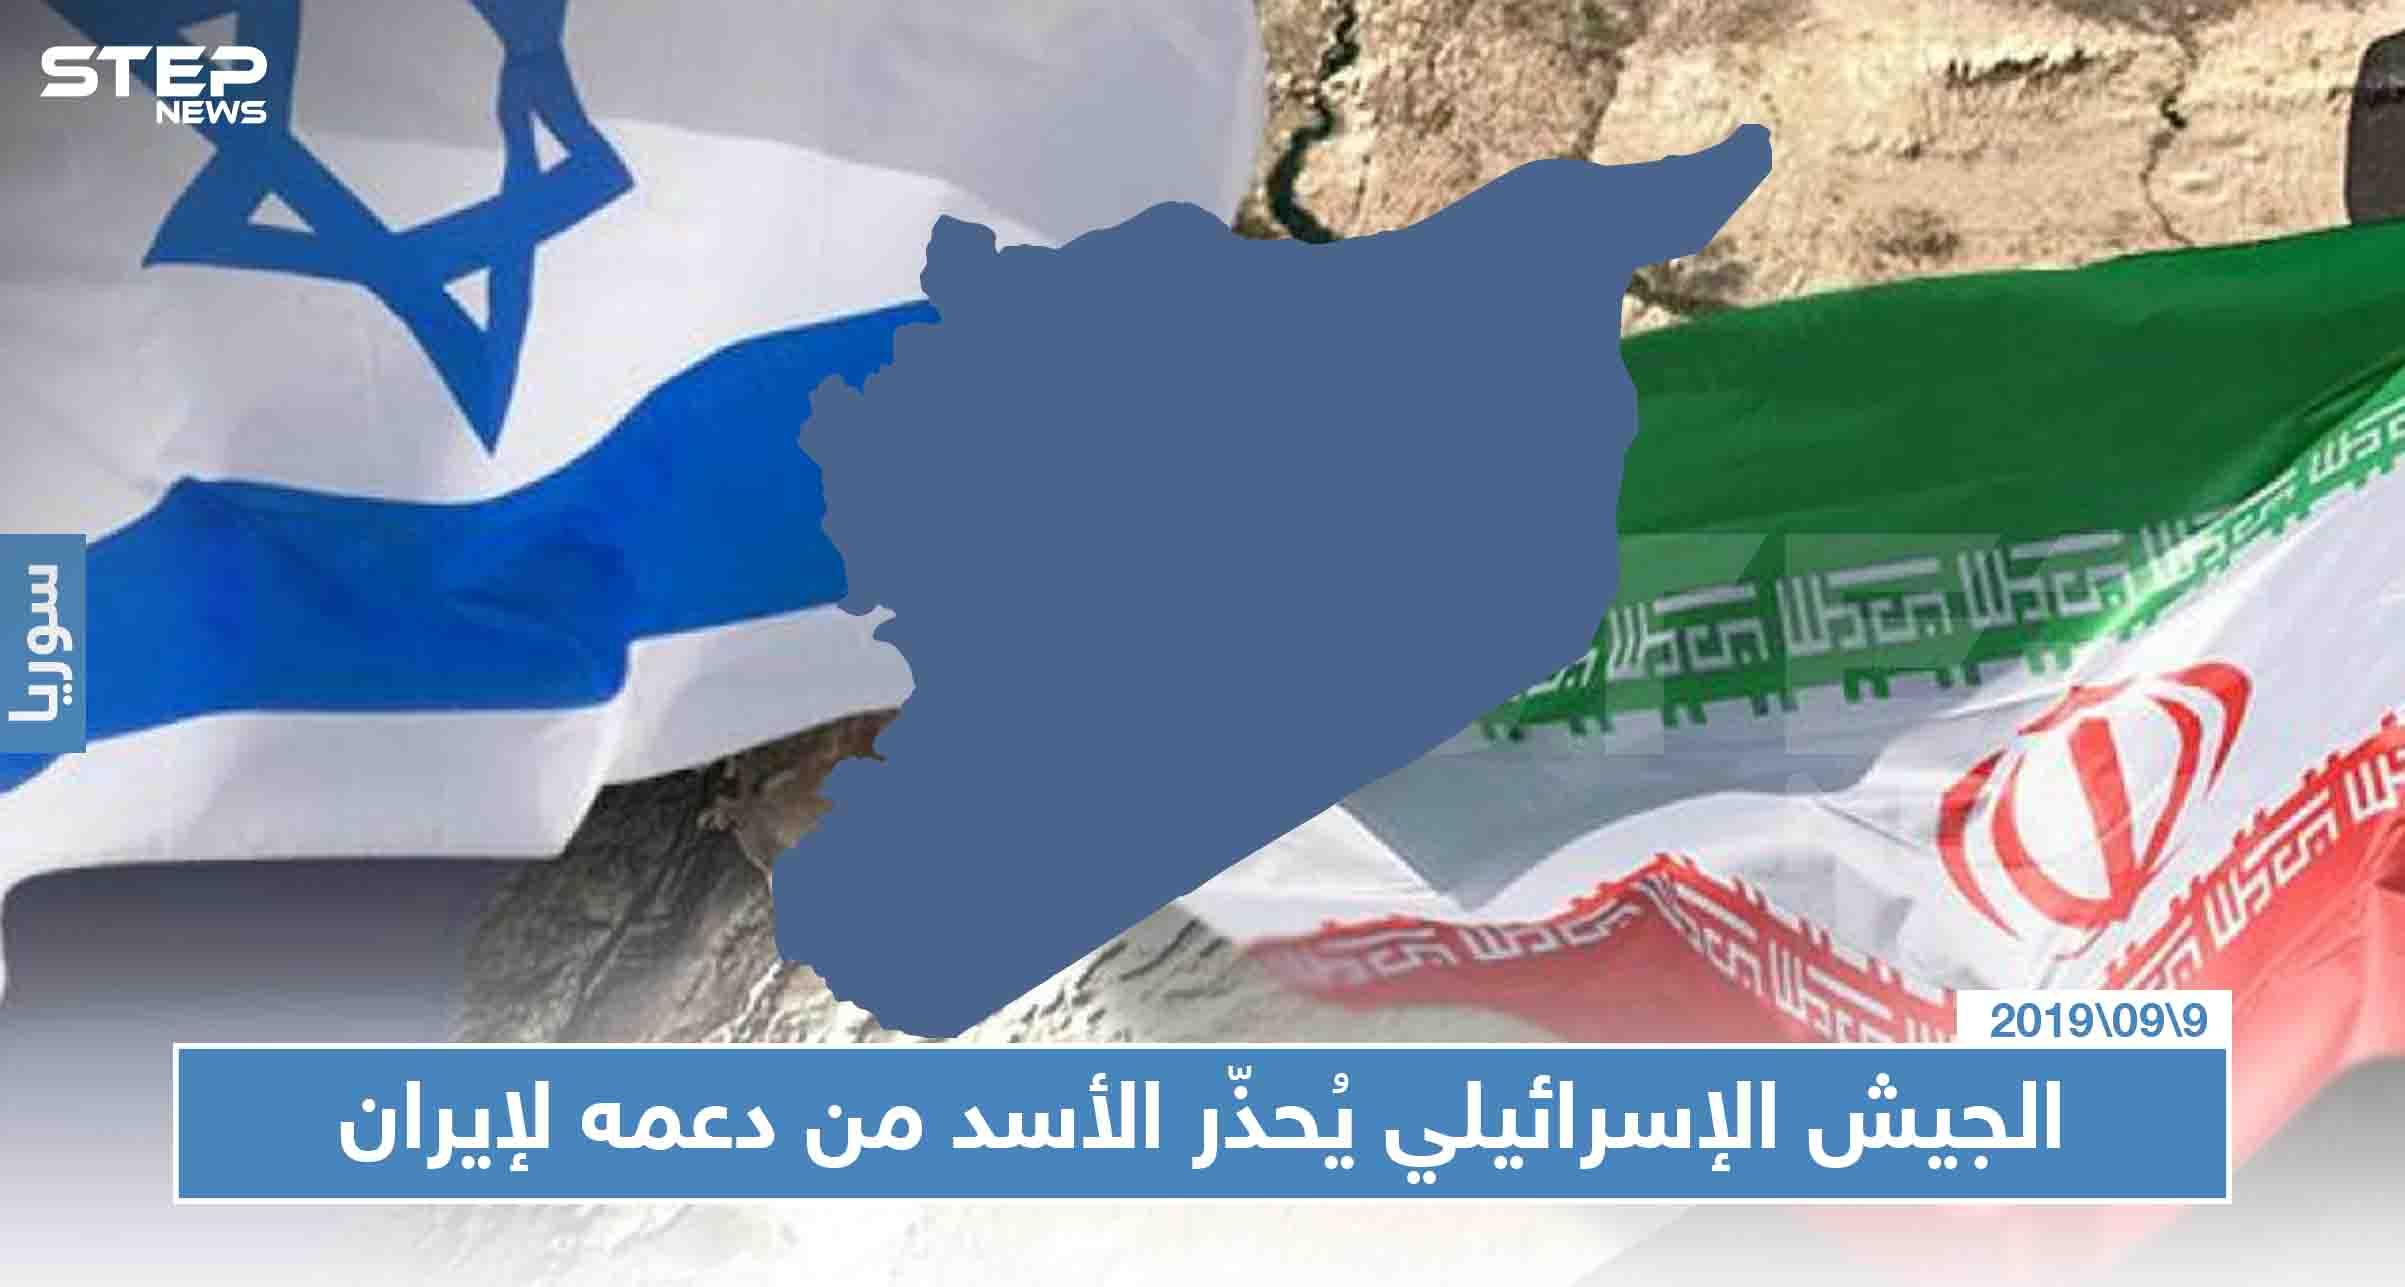 الجيش الإسرائيلي يُحذّر الأسد من دعمه لإيران، ومصادر تكشف أعداد قتلى الإيرانيين بالبوكمال